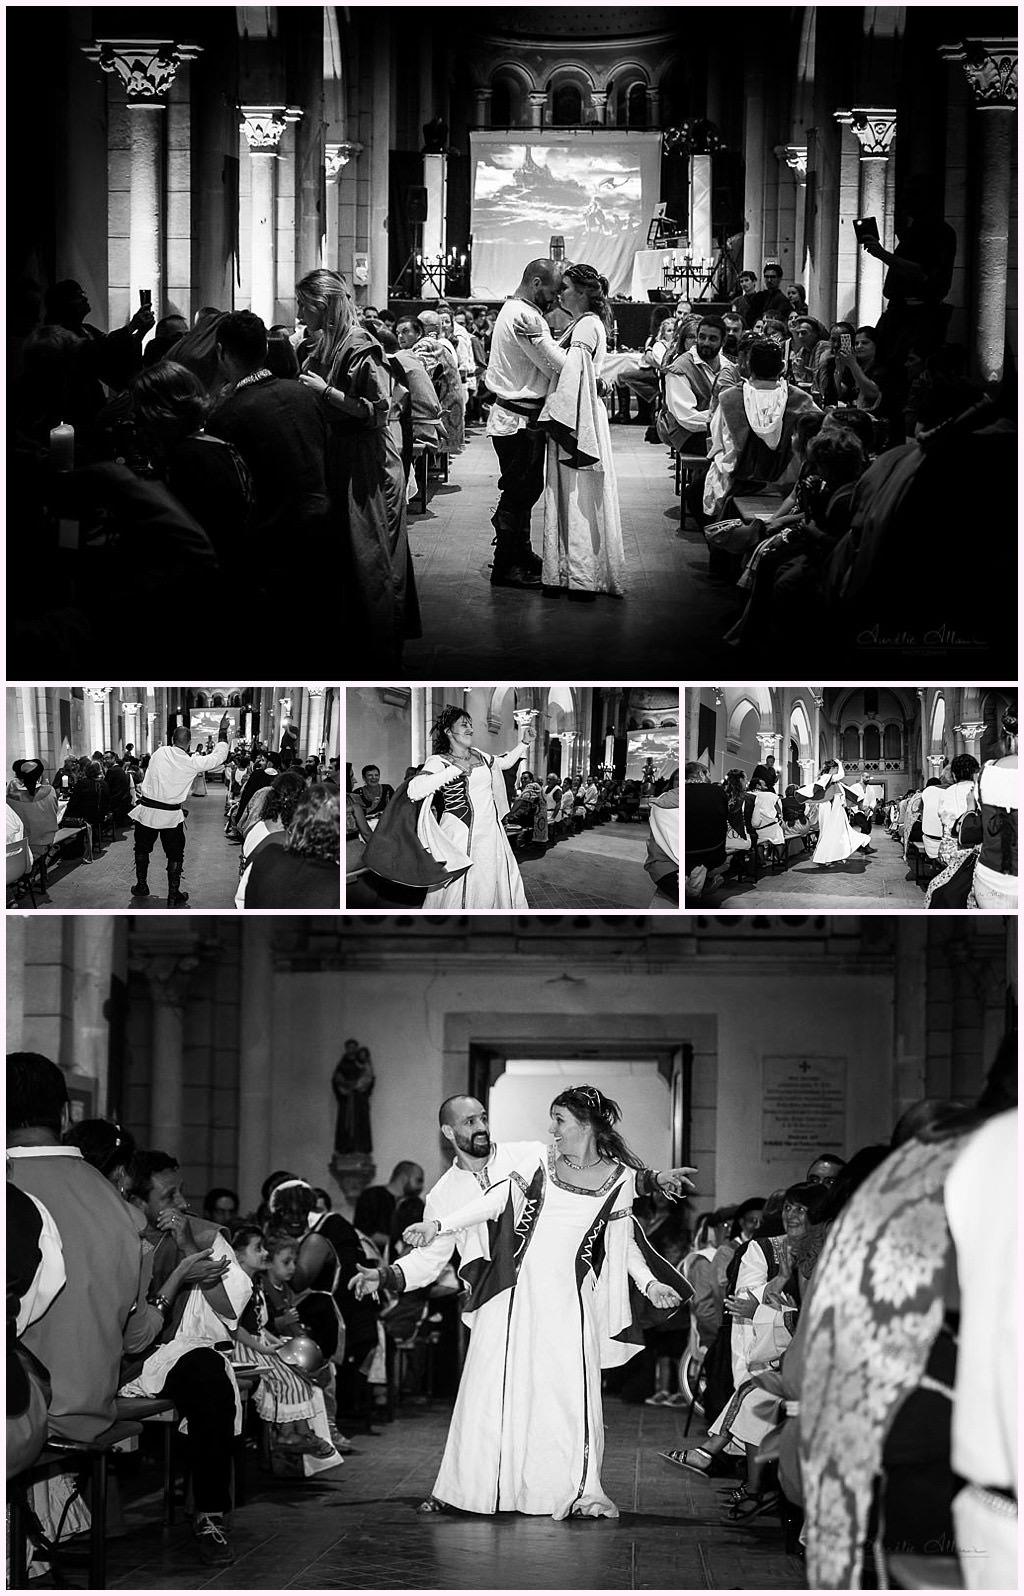 soirée mariage médiéval chapelle désacralisée nozeroy photographe mariage aurelie allanic